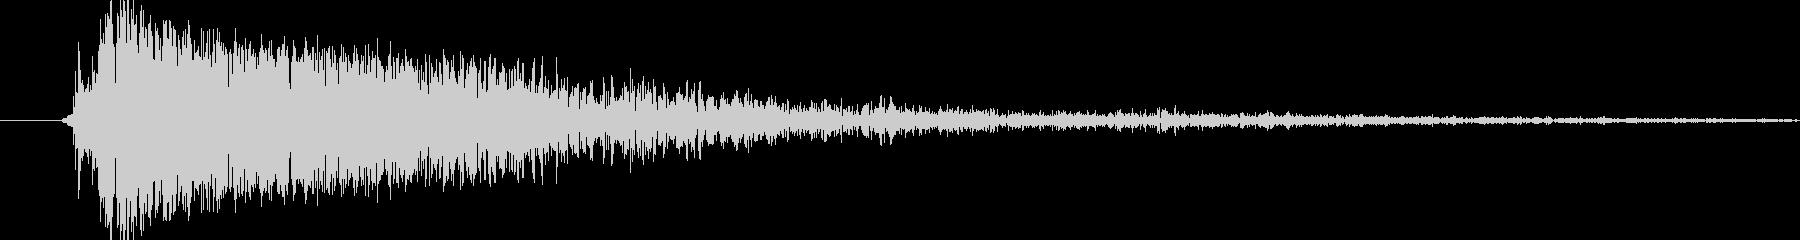 シンバル(キシィー)の未再生の波形